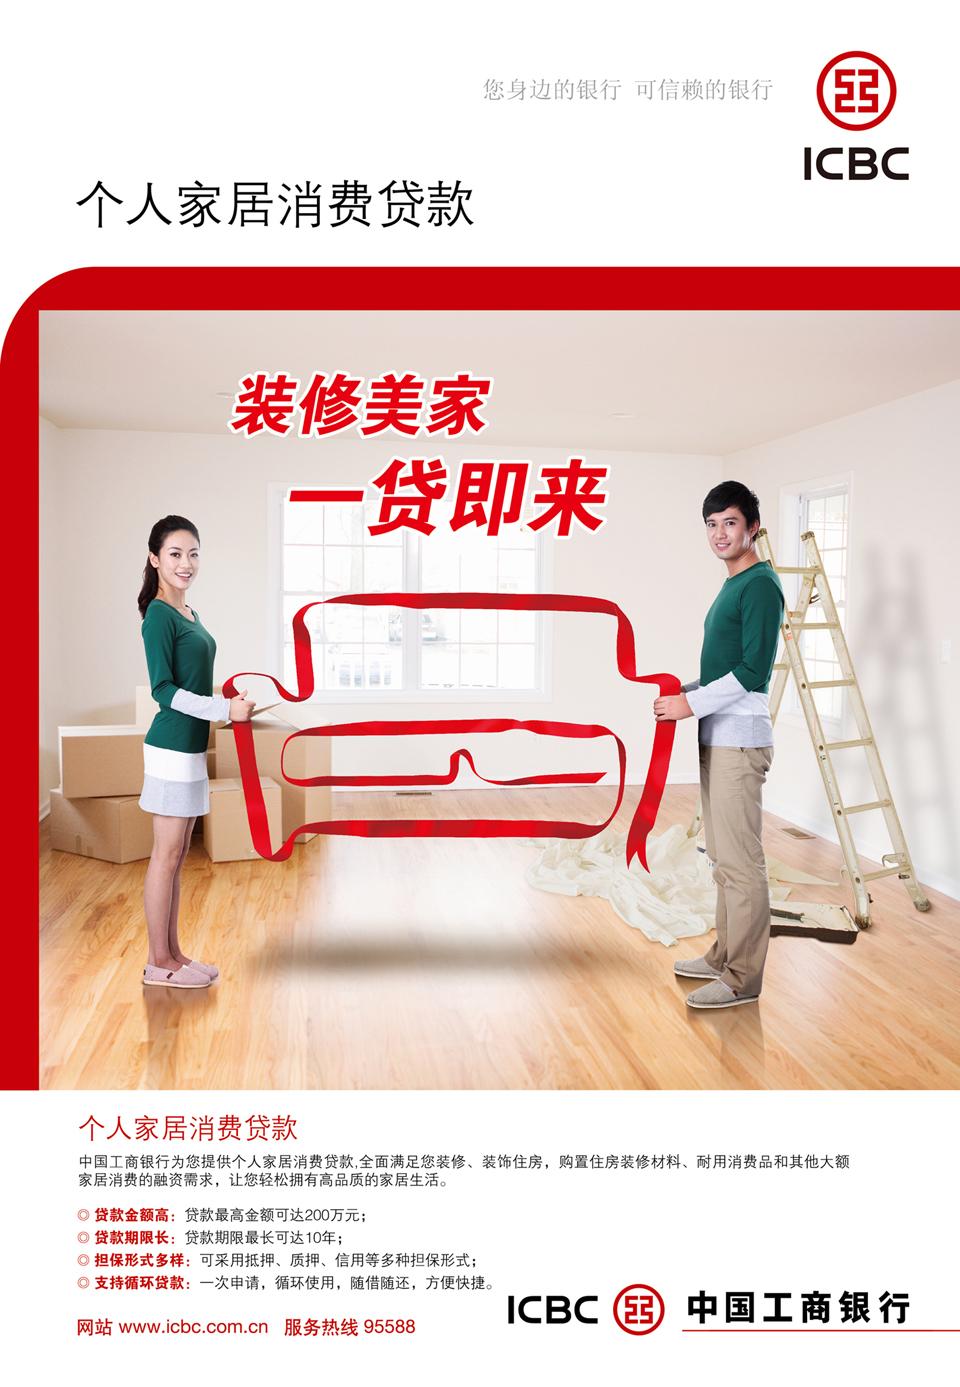 中国工商银行个人家居消费贷款